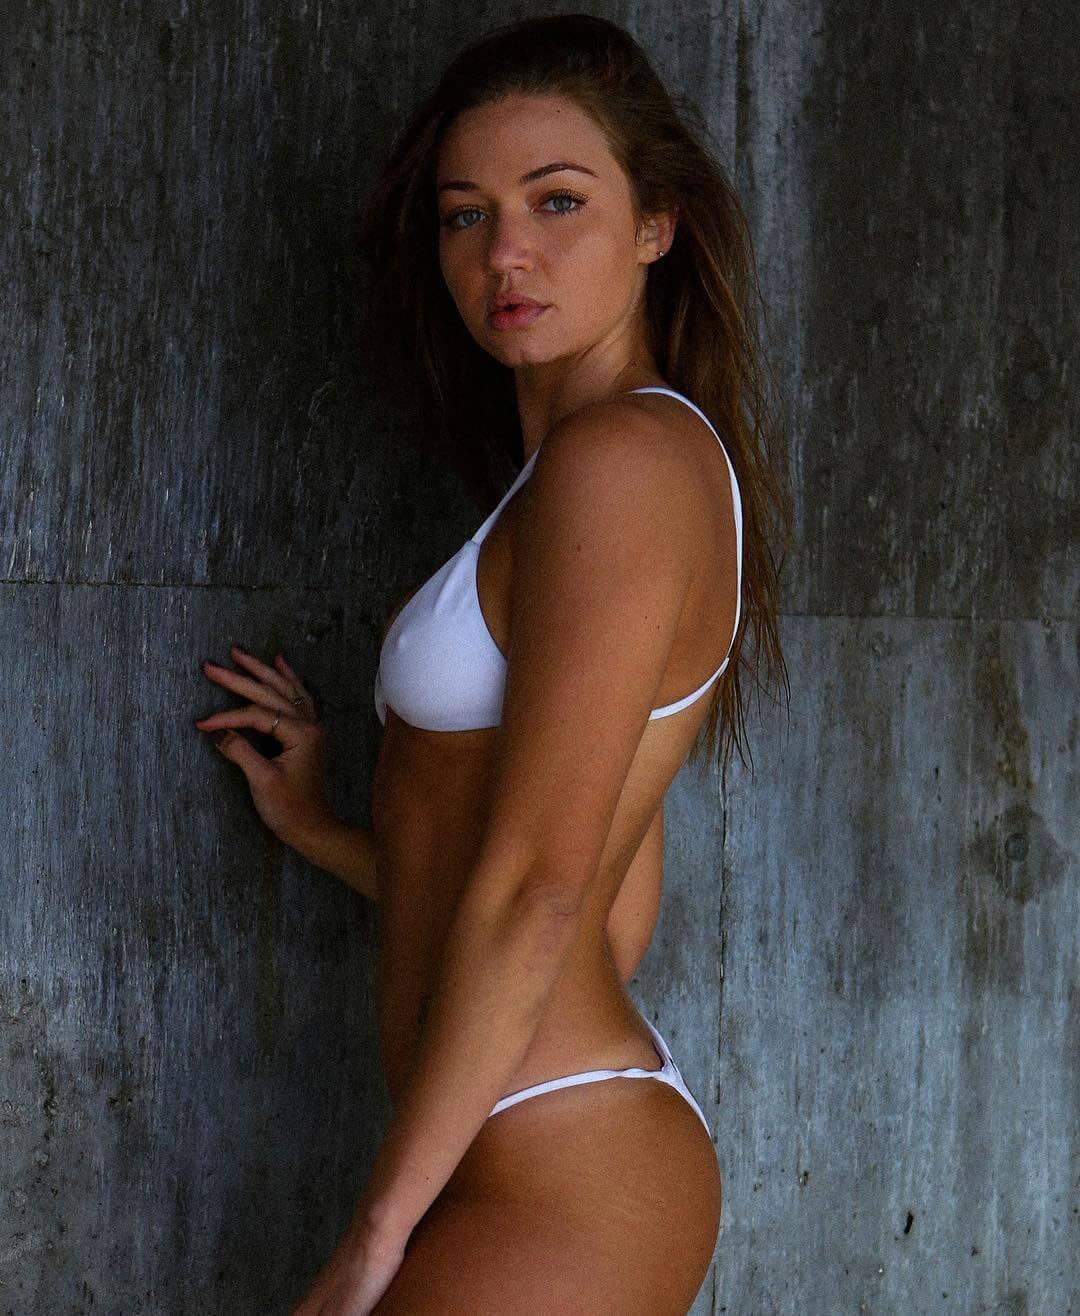 Erika Costell beautiful pics